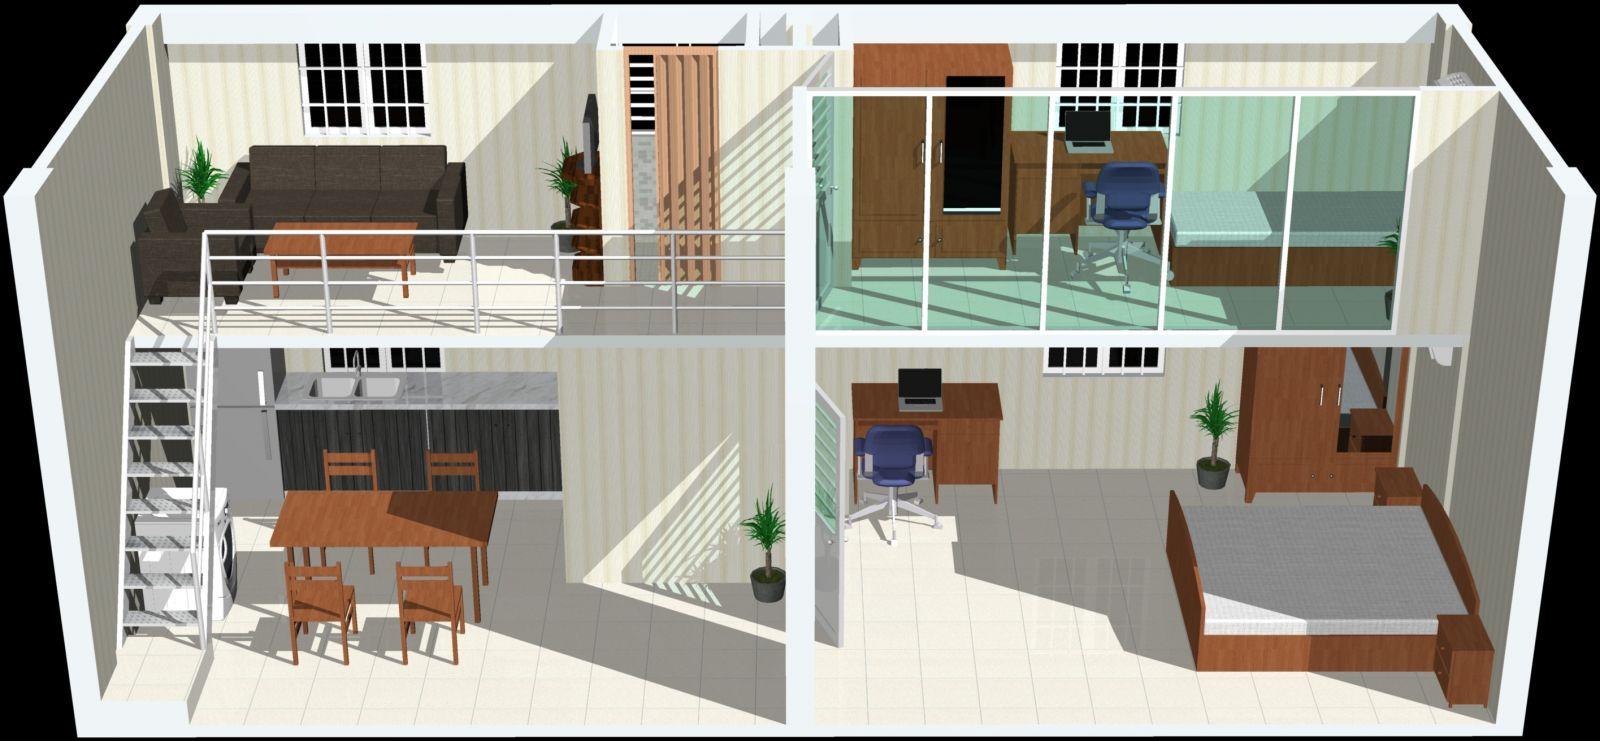 Thiết kế tầng lửng làm phòng khách cần lưu ý điều gì?